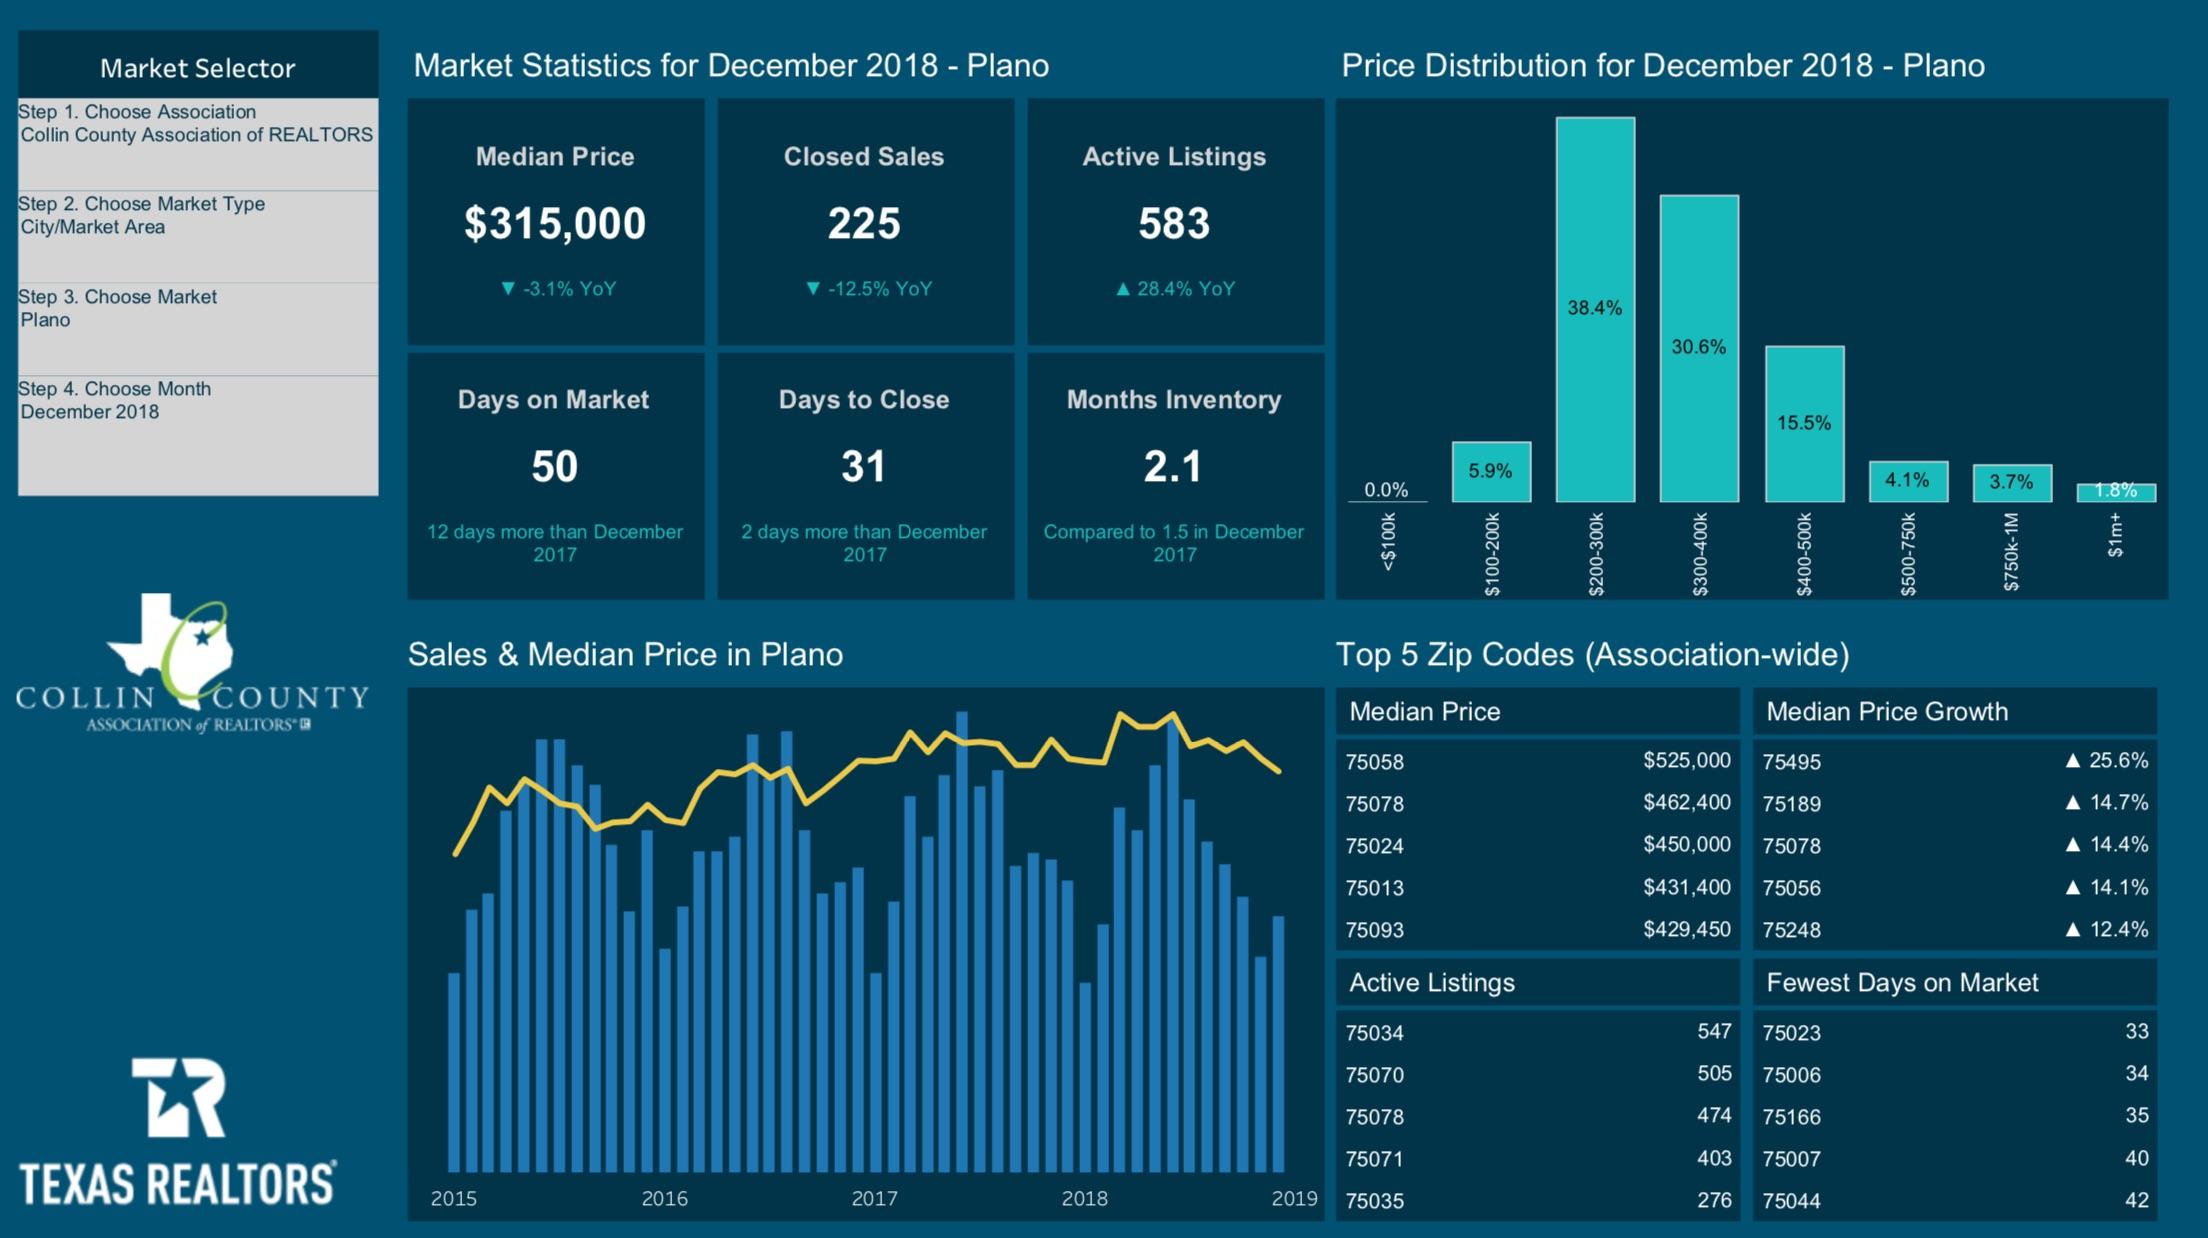 Texas Realtors Market Statistics for December 2018 - Plano